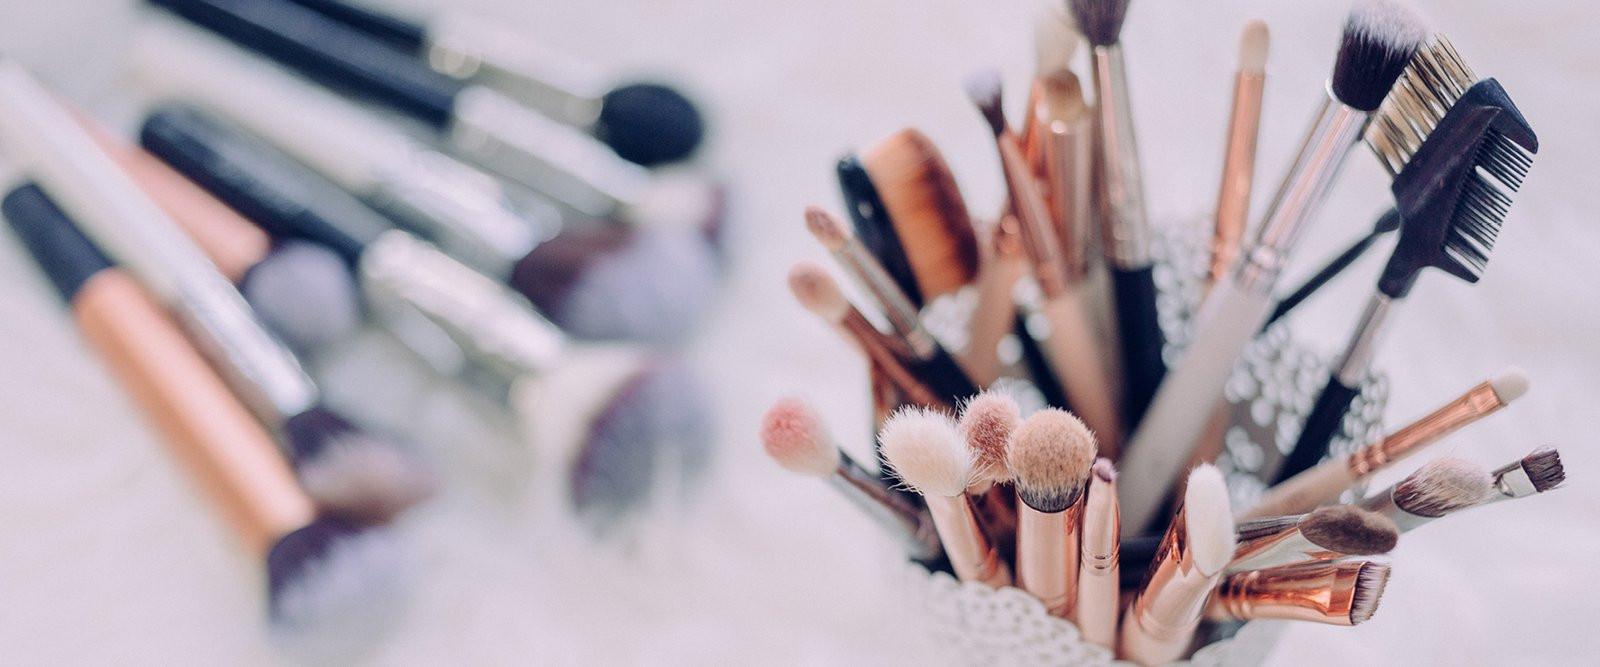 Make up - Découvrir les produits de la catégorie - SoBeauty